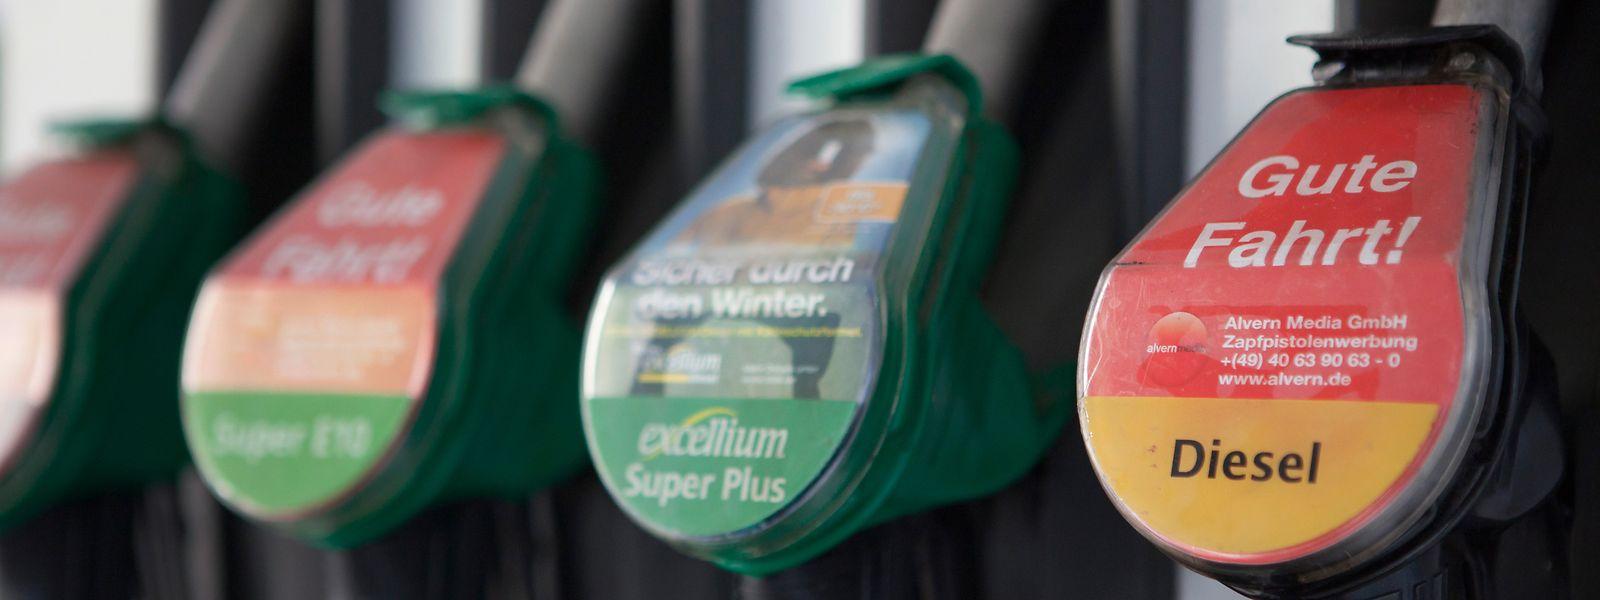 Le sans-plomb 95 est le carburant ayant le plus augmenté cette dernière semaine, ce dernier mois, ces derniers douze mois.